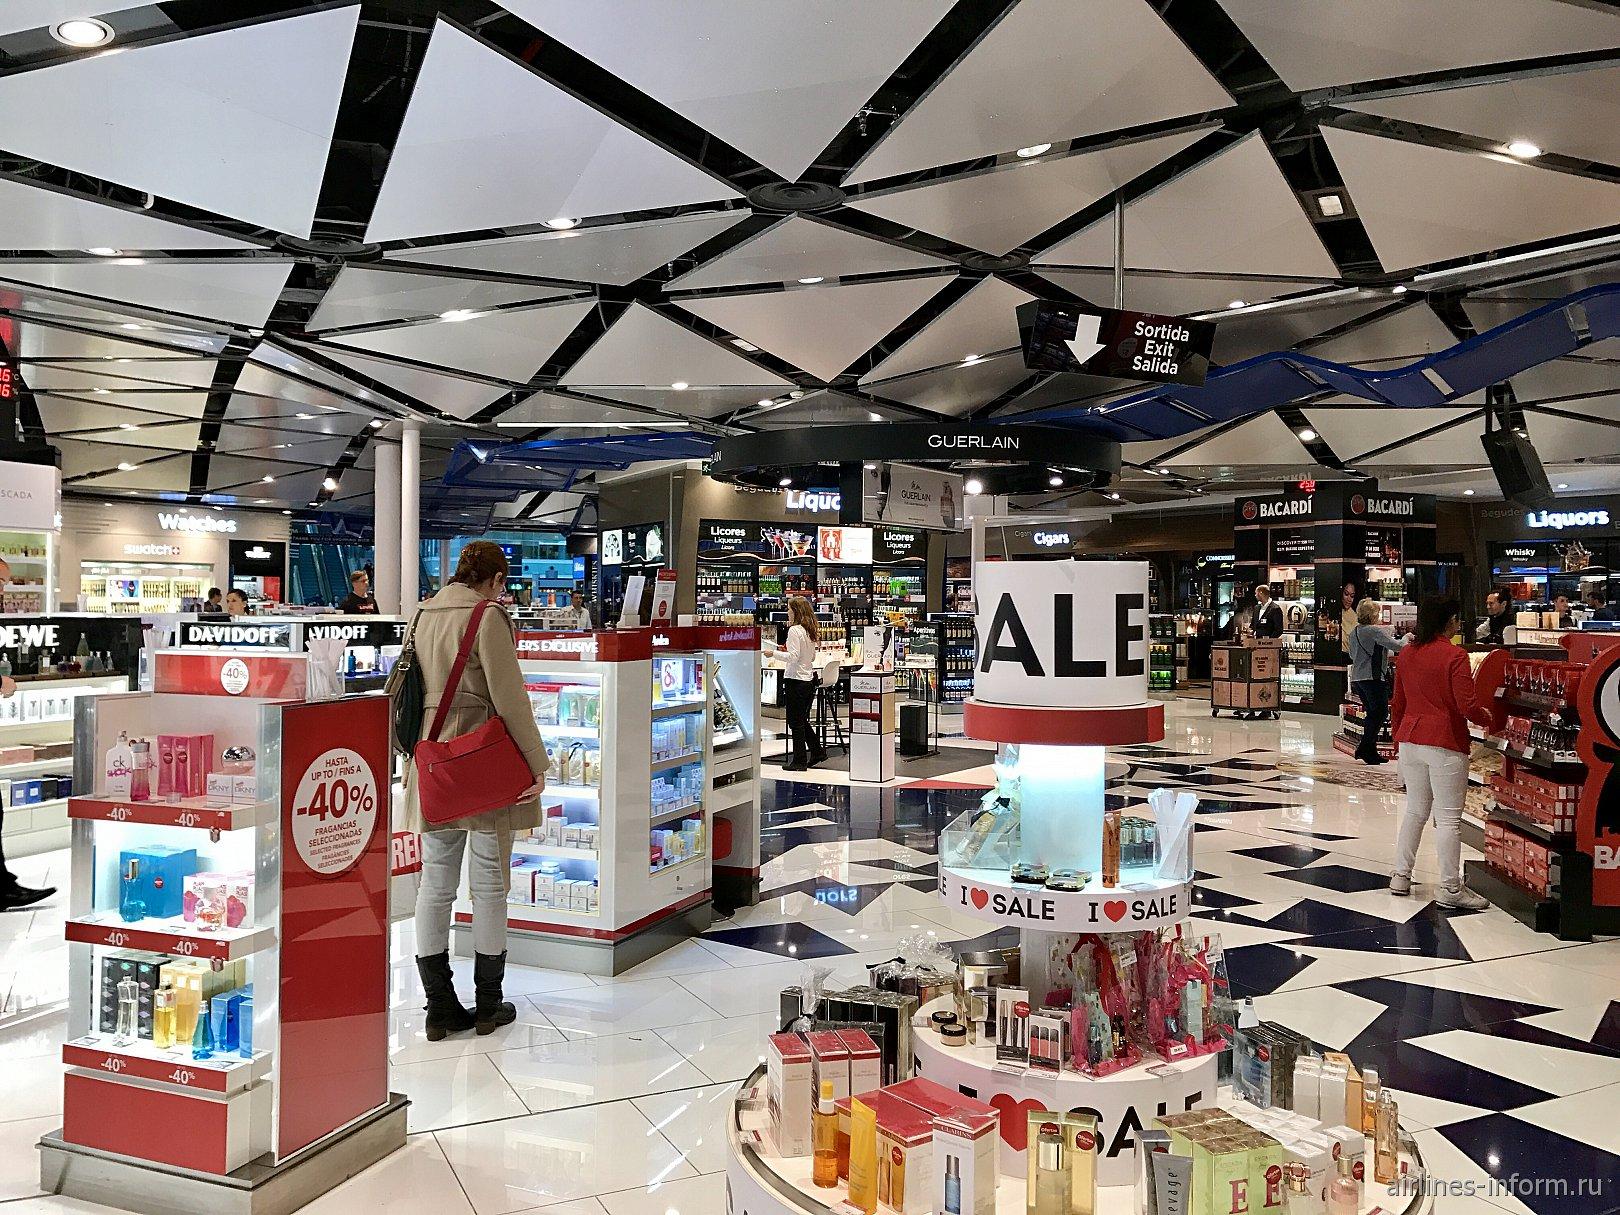 Магазин Duty Free в аэропорту Барселоны